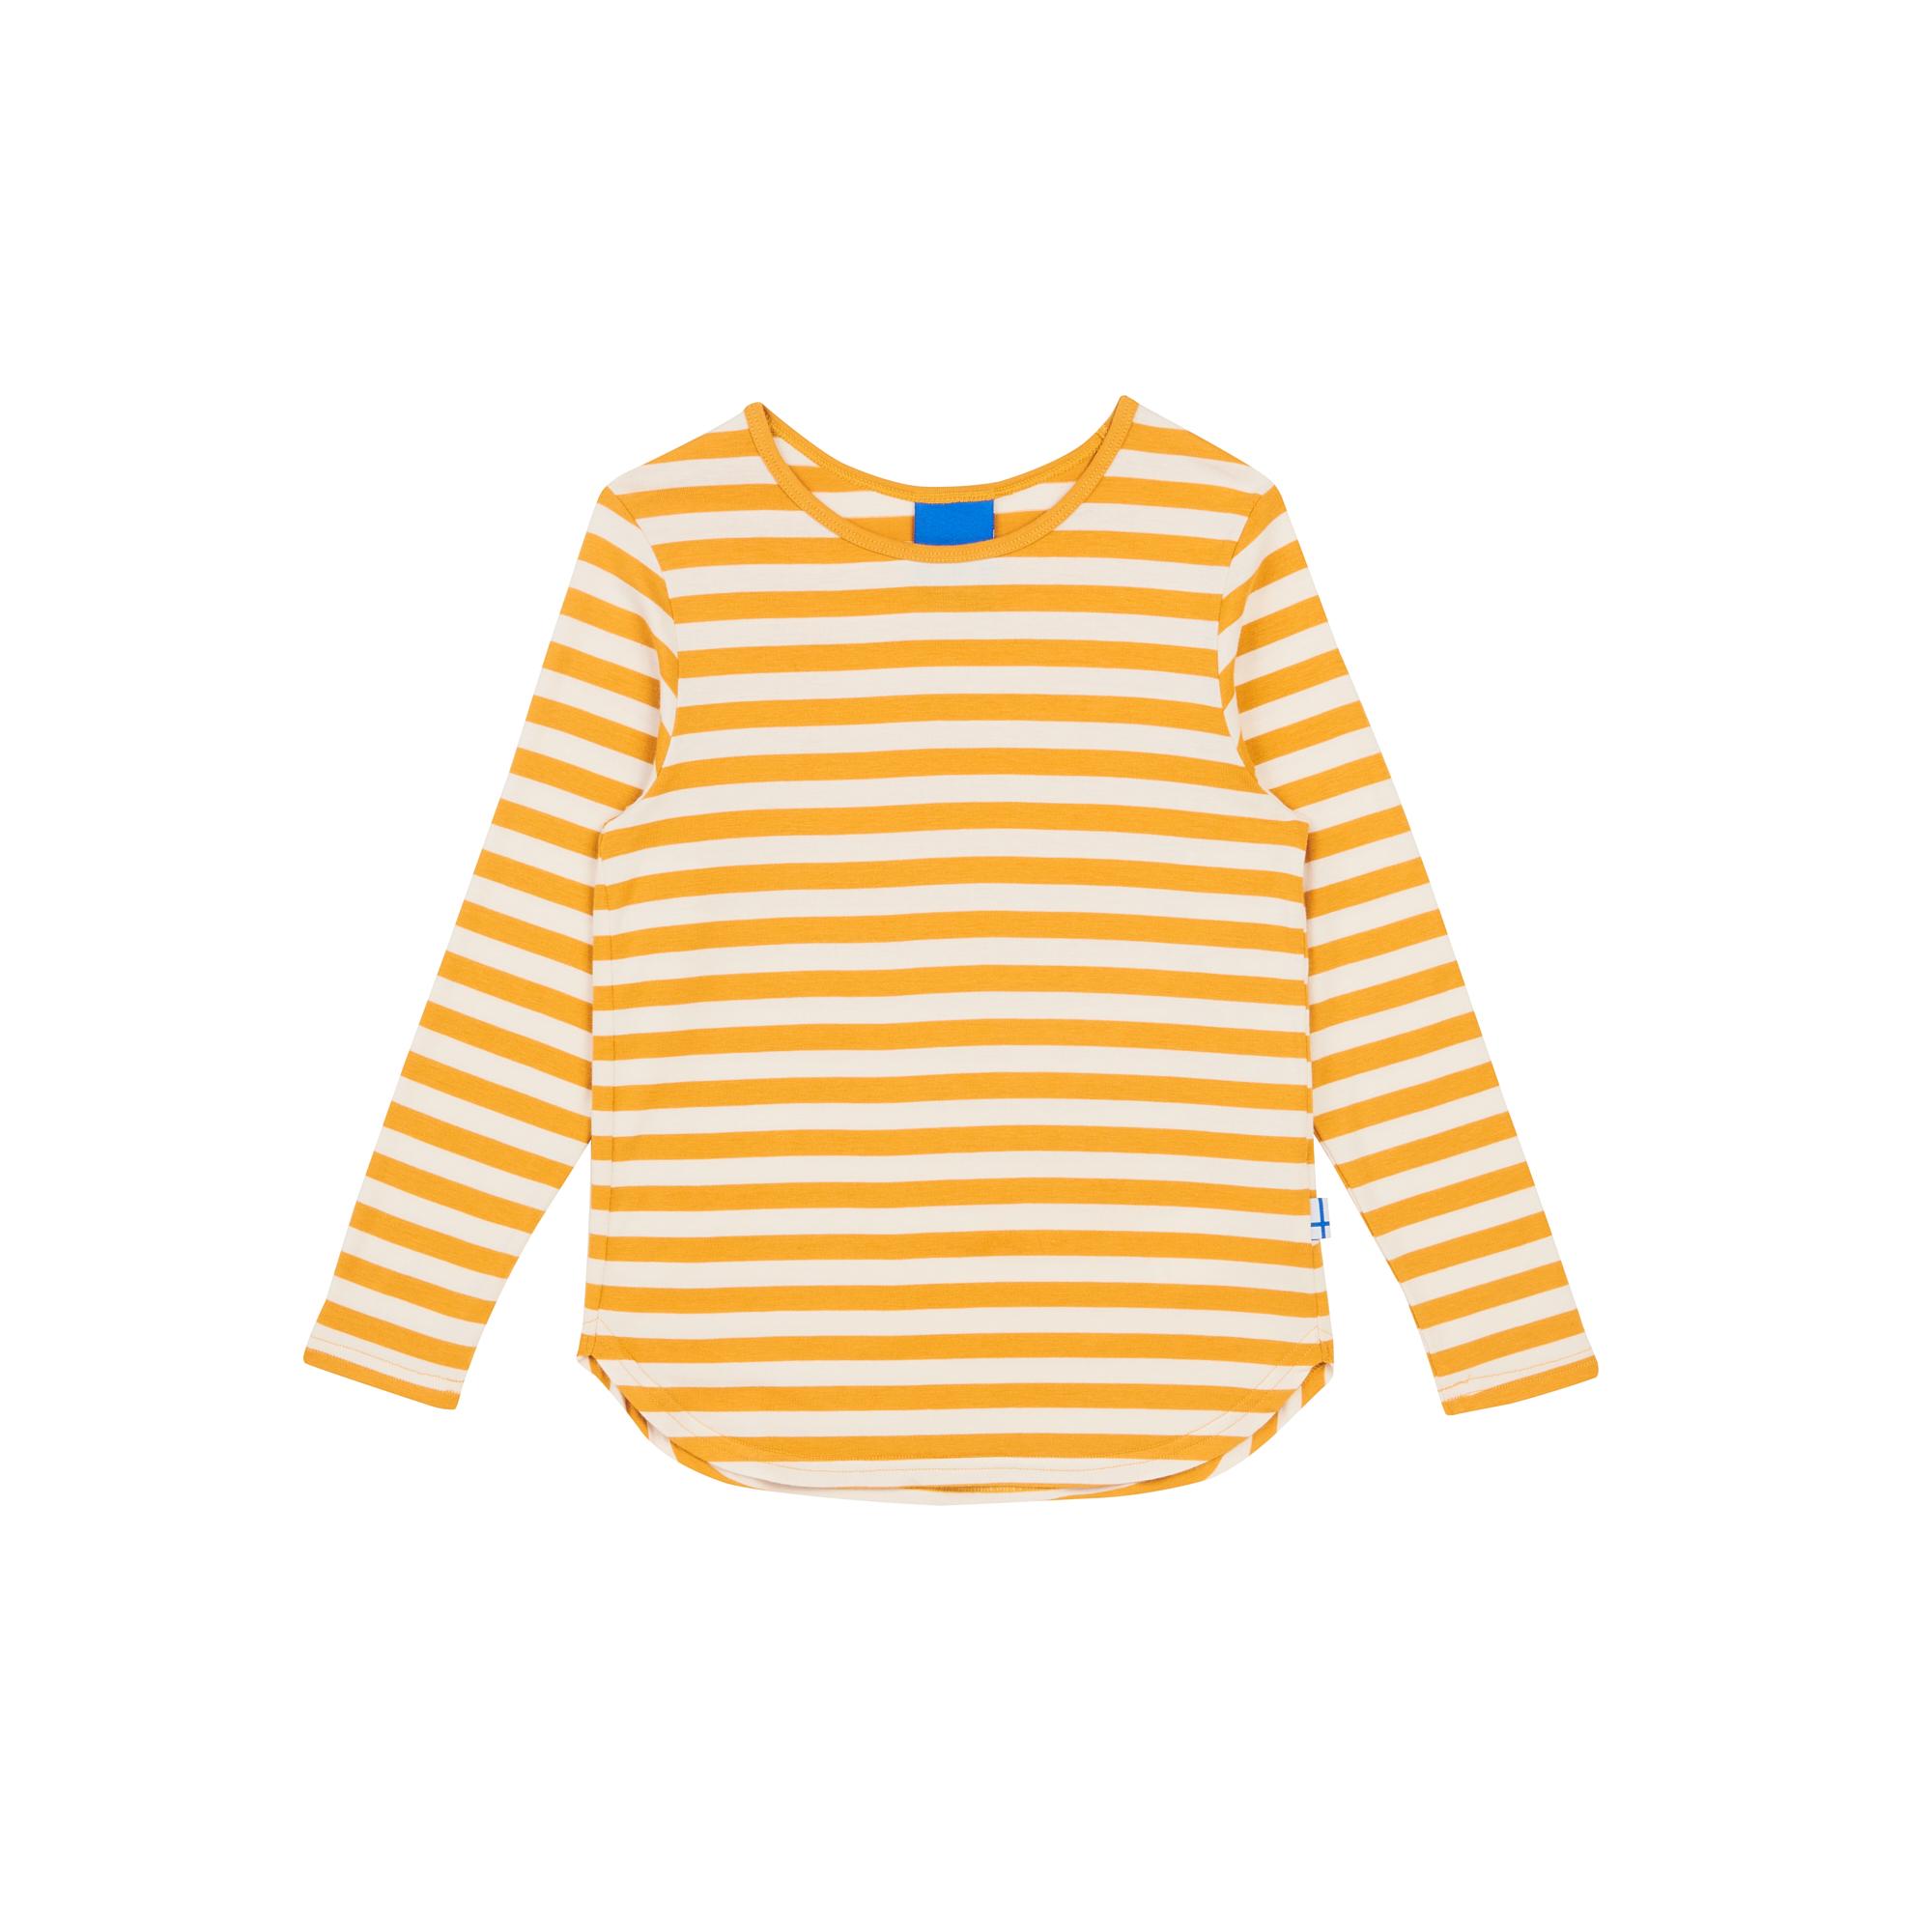 MERISILLI golden yellow/white longsleeve  110/120 Finkid®